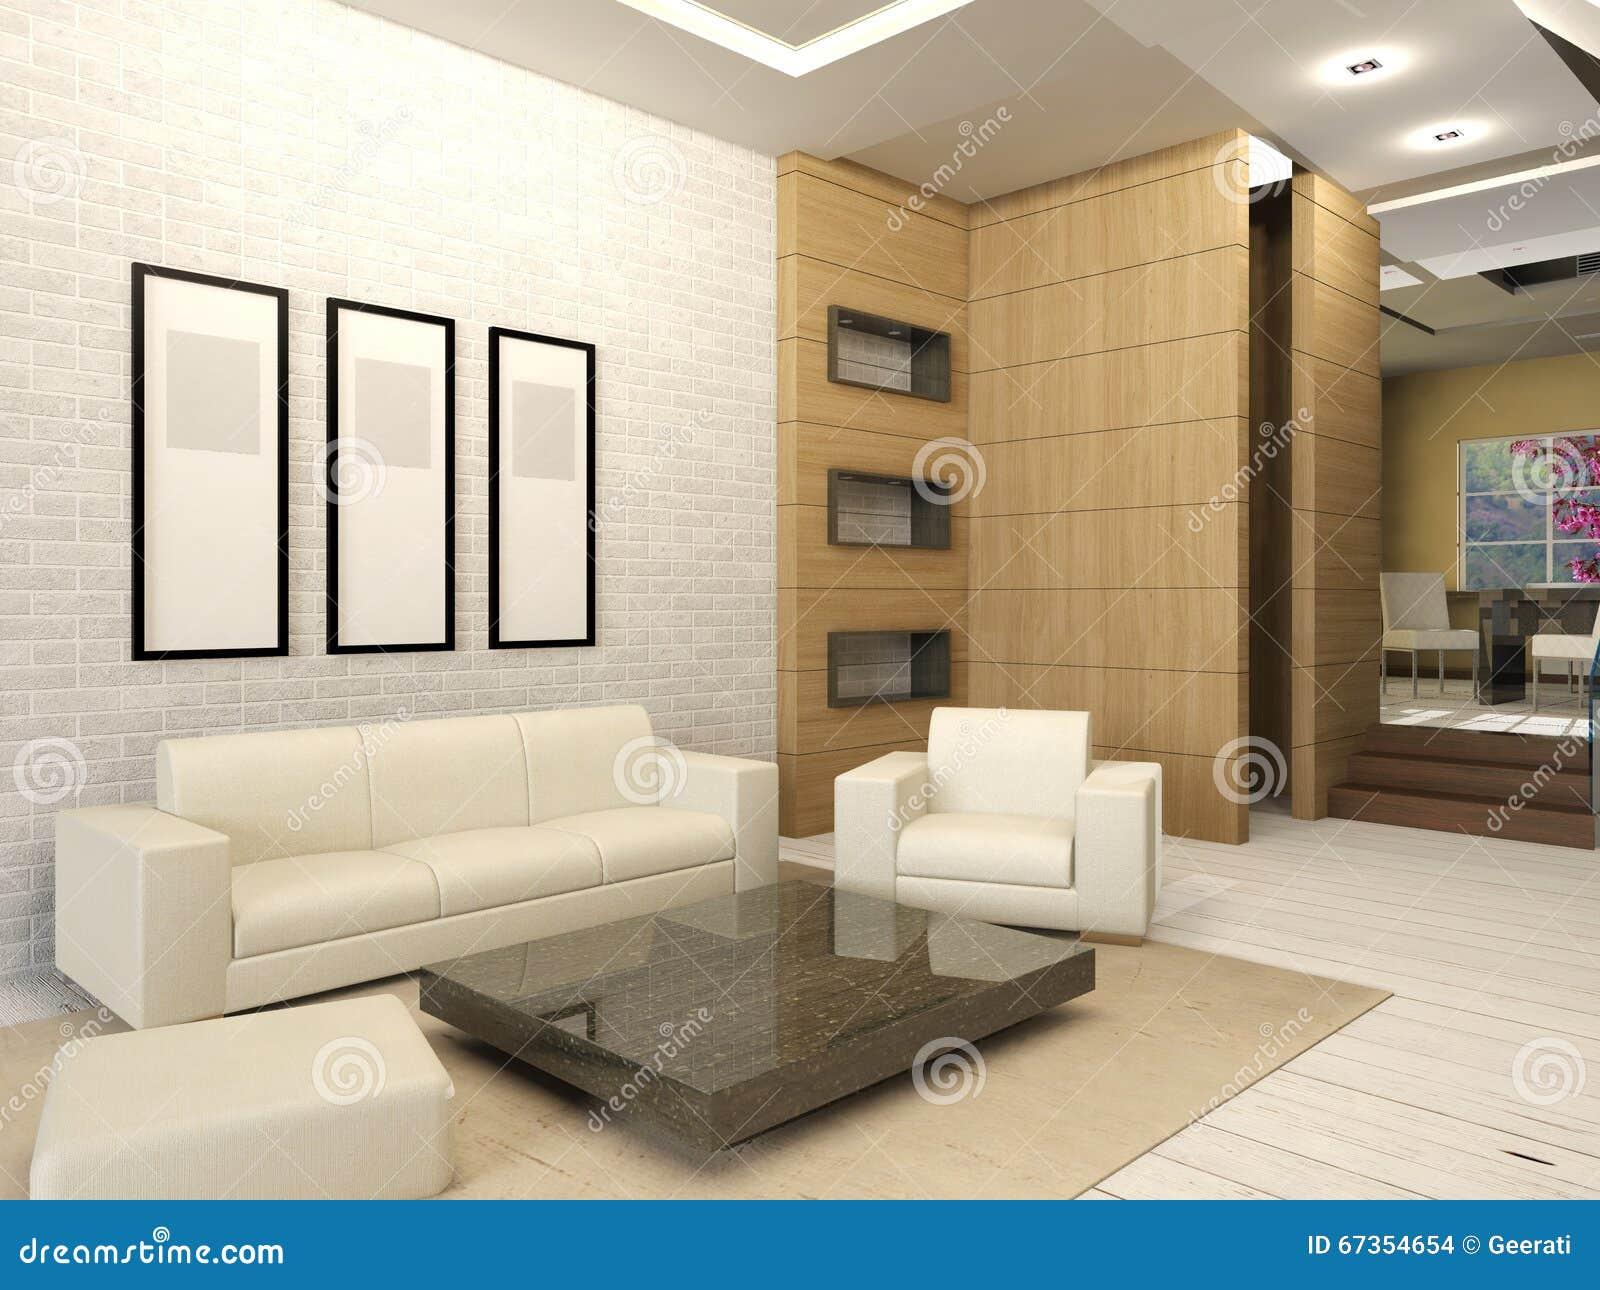 Interior design of modern white living room royalty free for White modern interior design